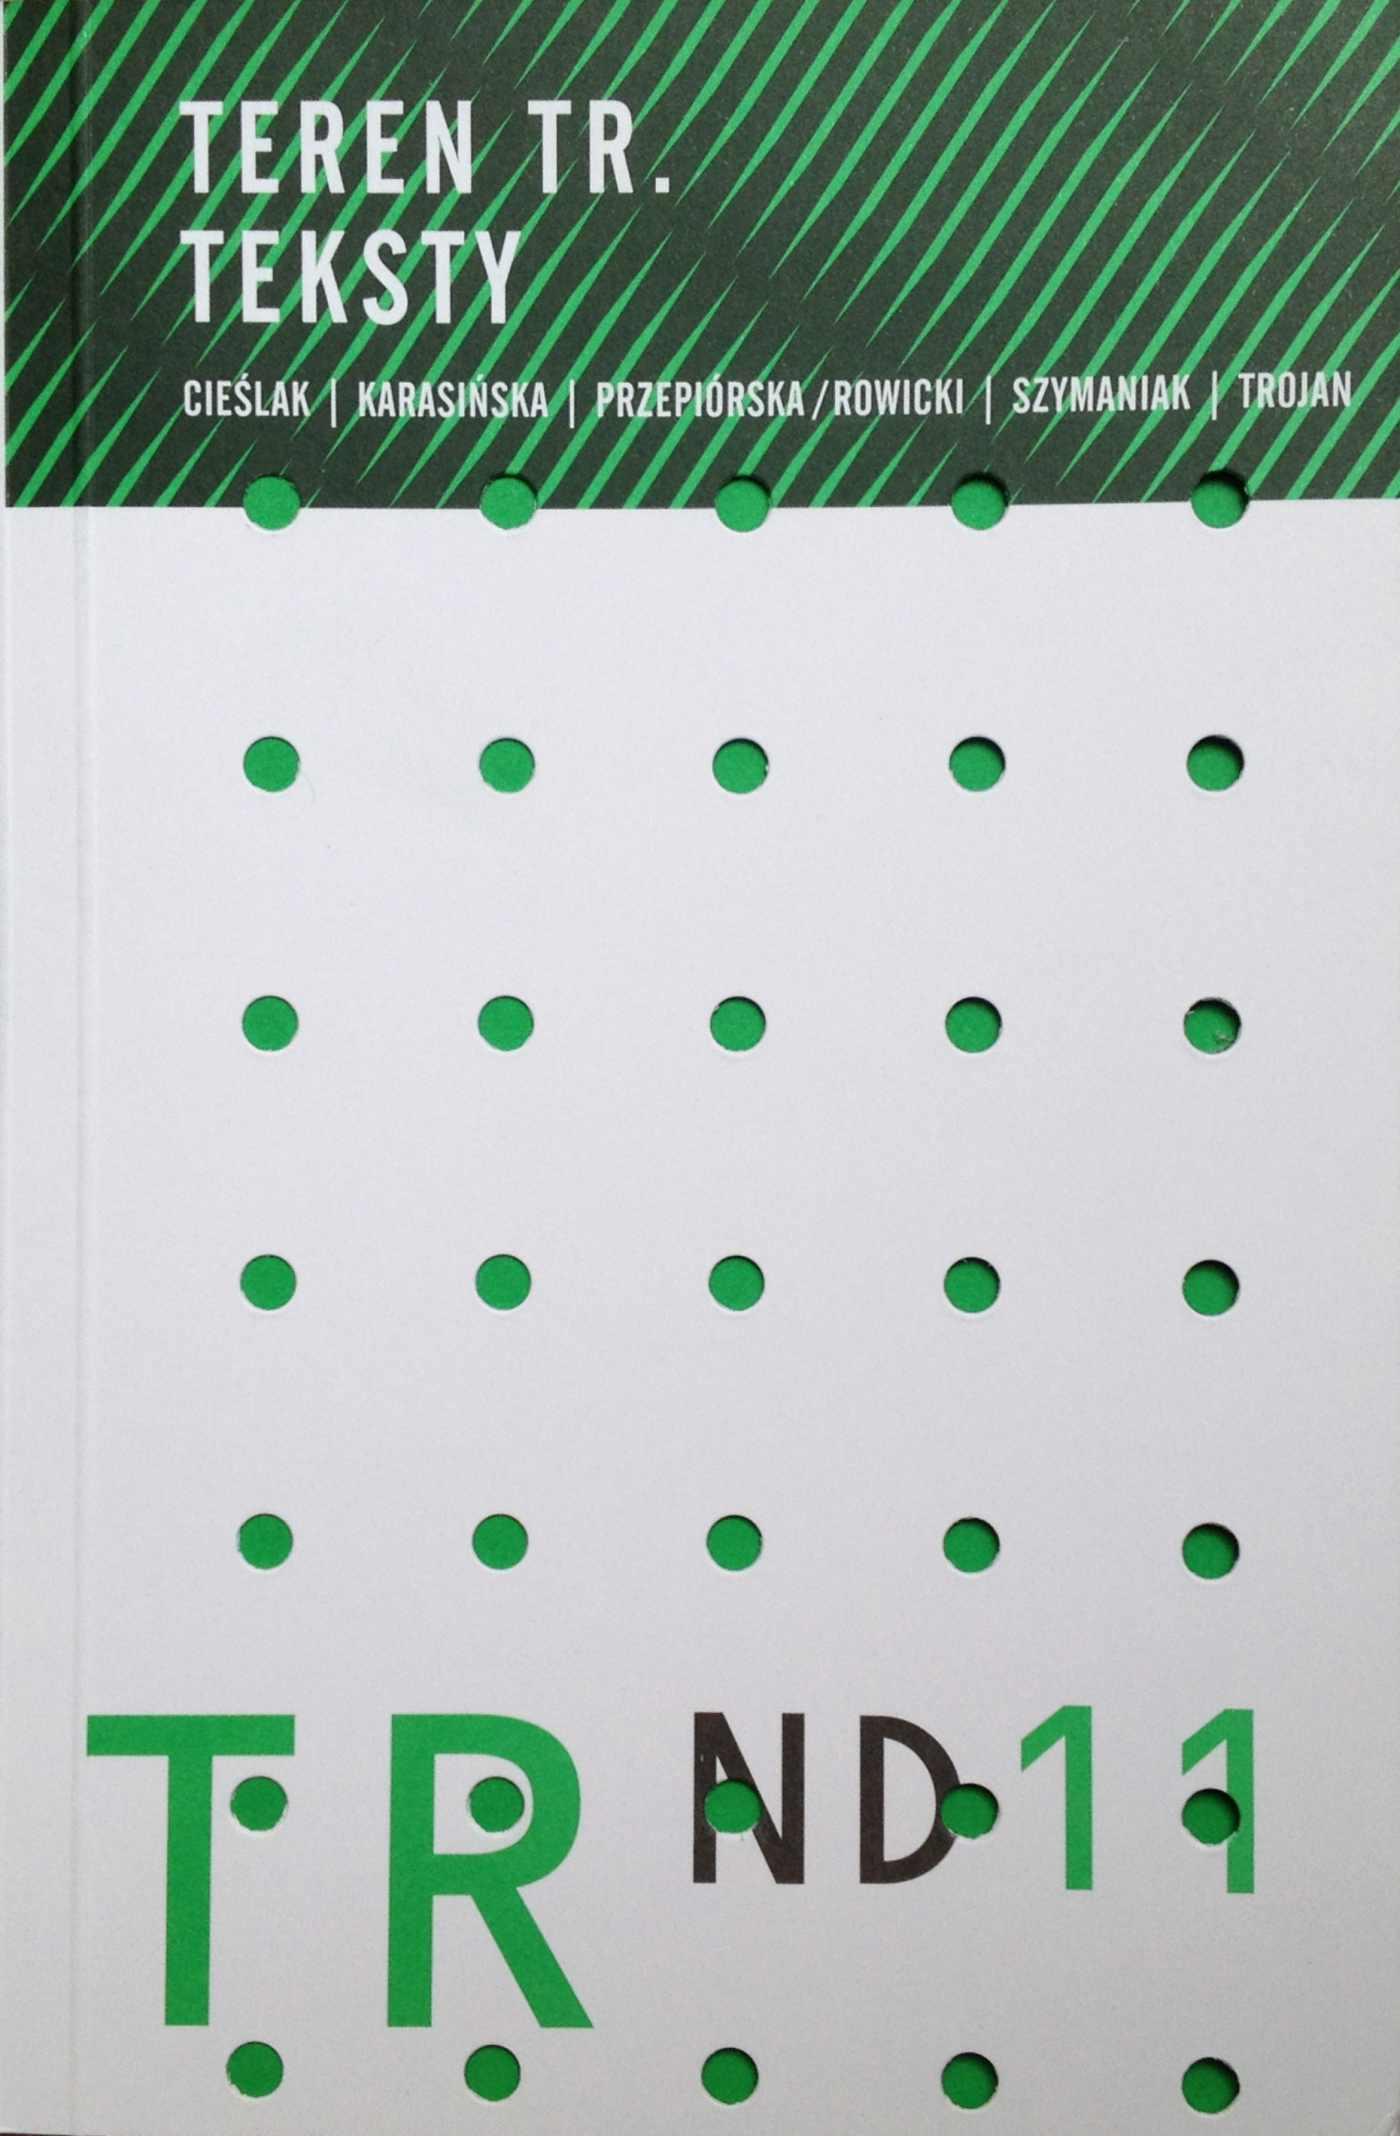 Teren TR. Teksty - Ebook (Książka PDF) do pobrania w formacie PDF